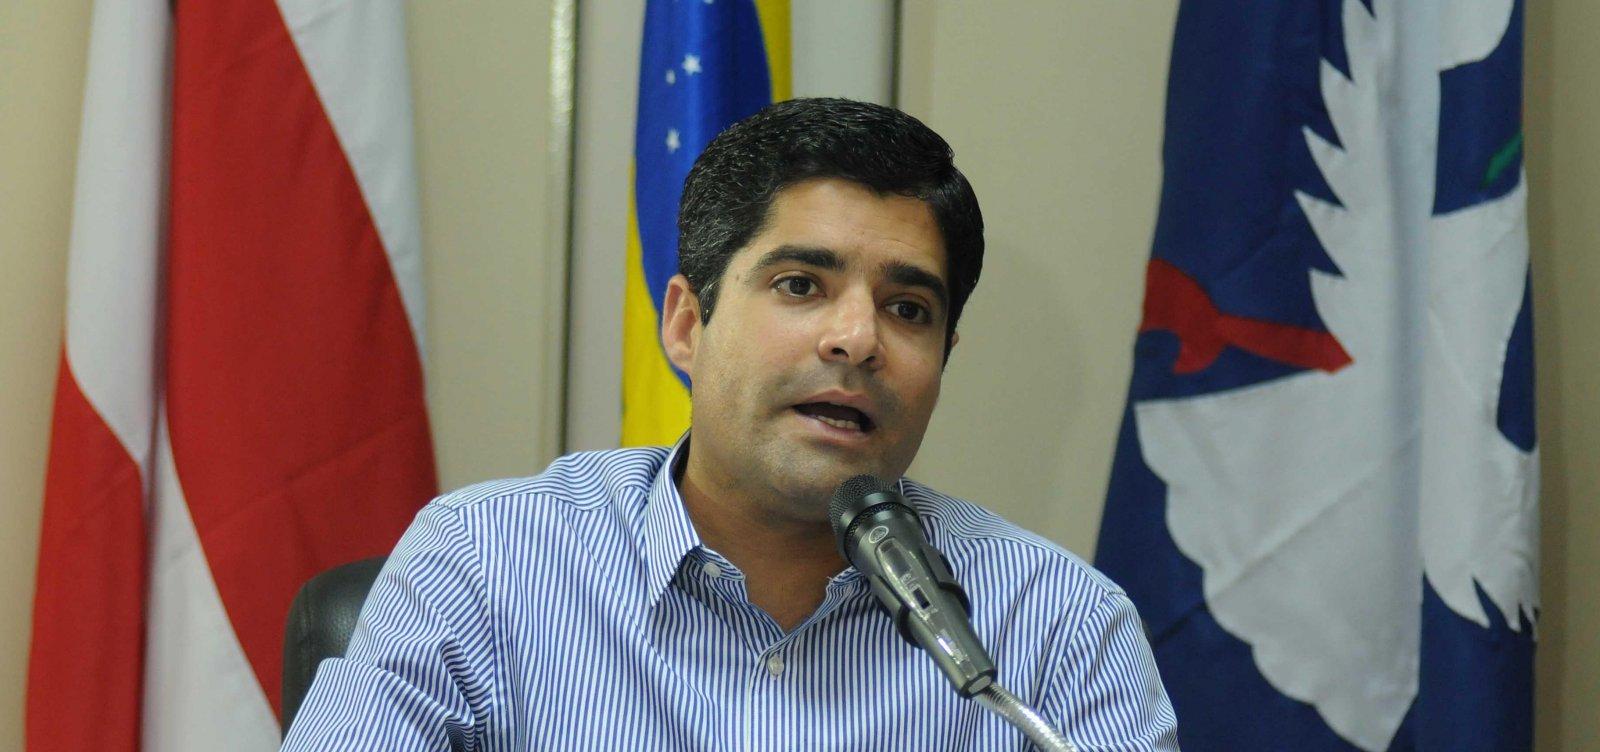 Briga do PSL: 'Não tenho motivo para me meter', afirma ACM Neto